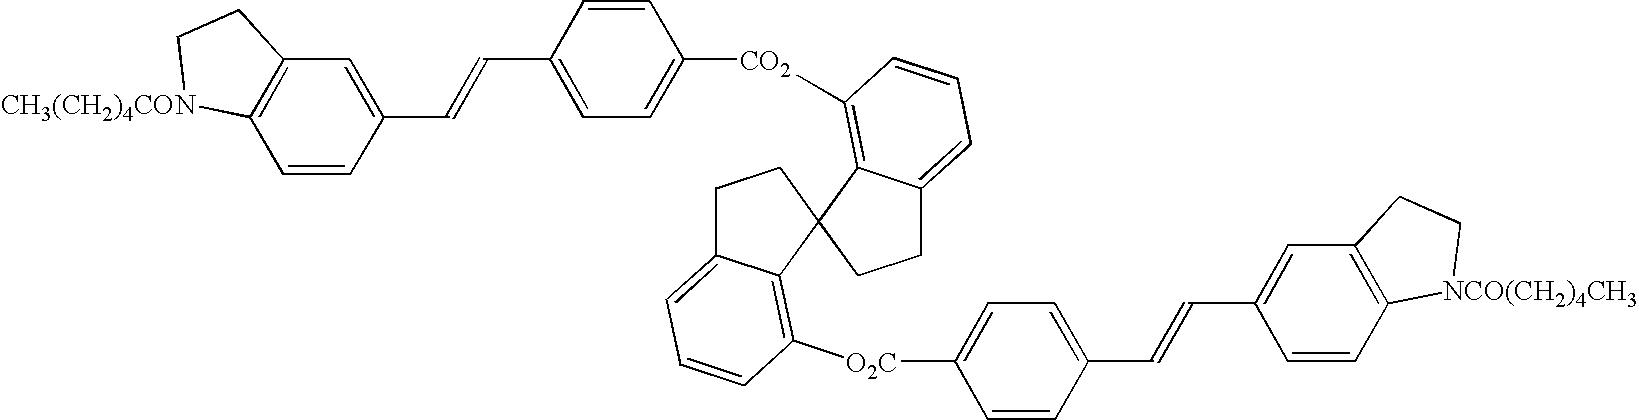 Figure US07470376-20081230-C00022